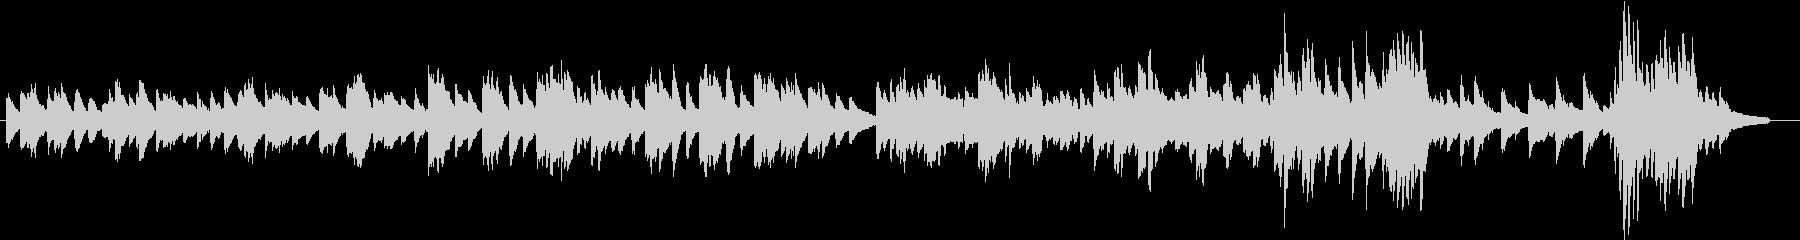 決戦前夜をイメージしたピアノBGMの未再生の波形